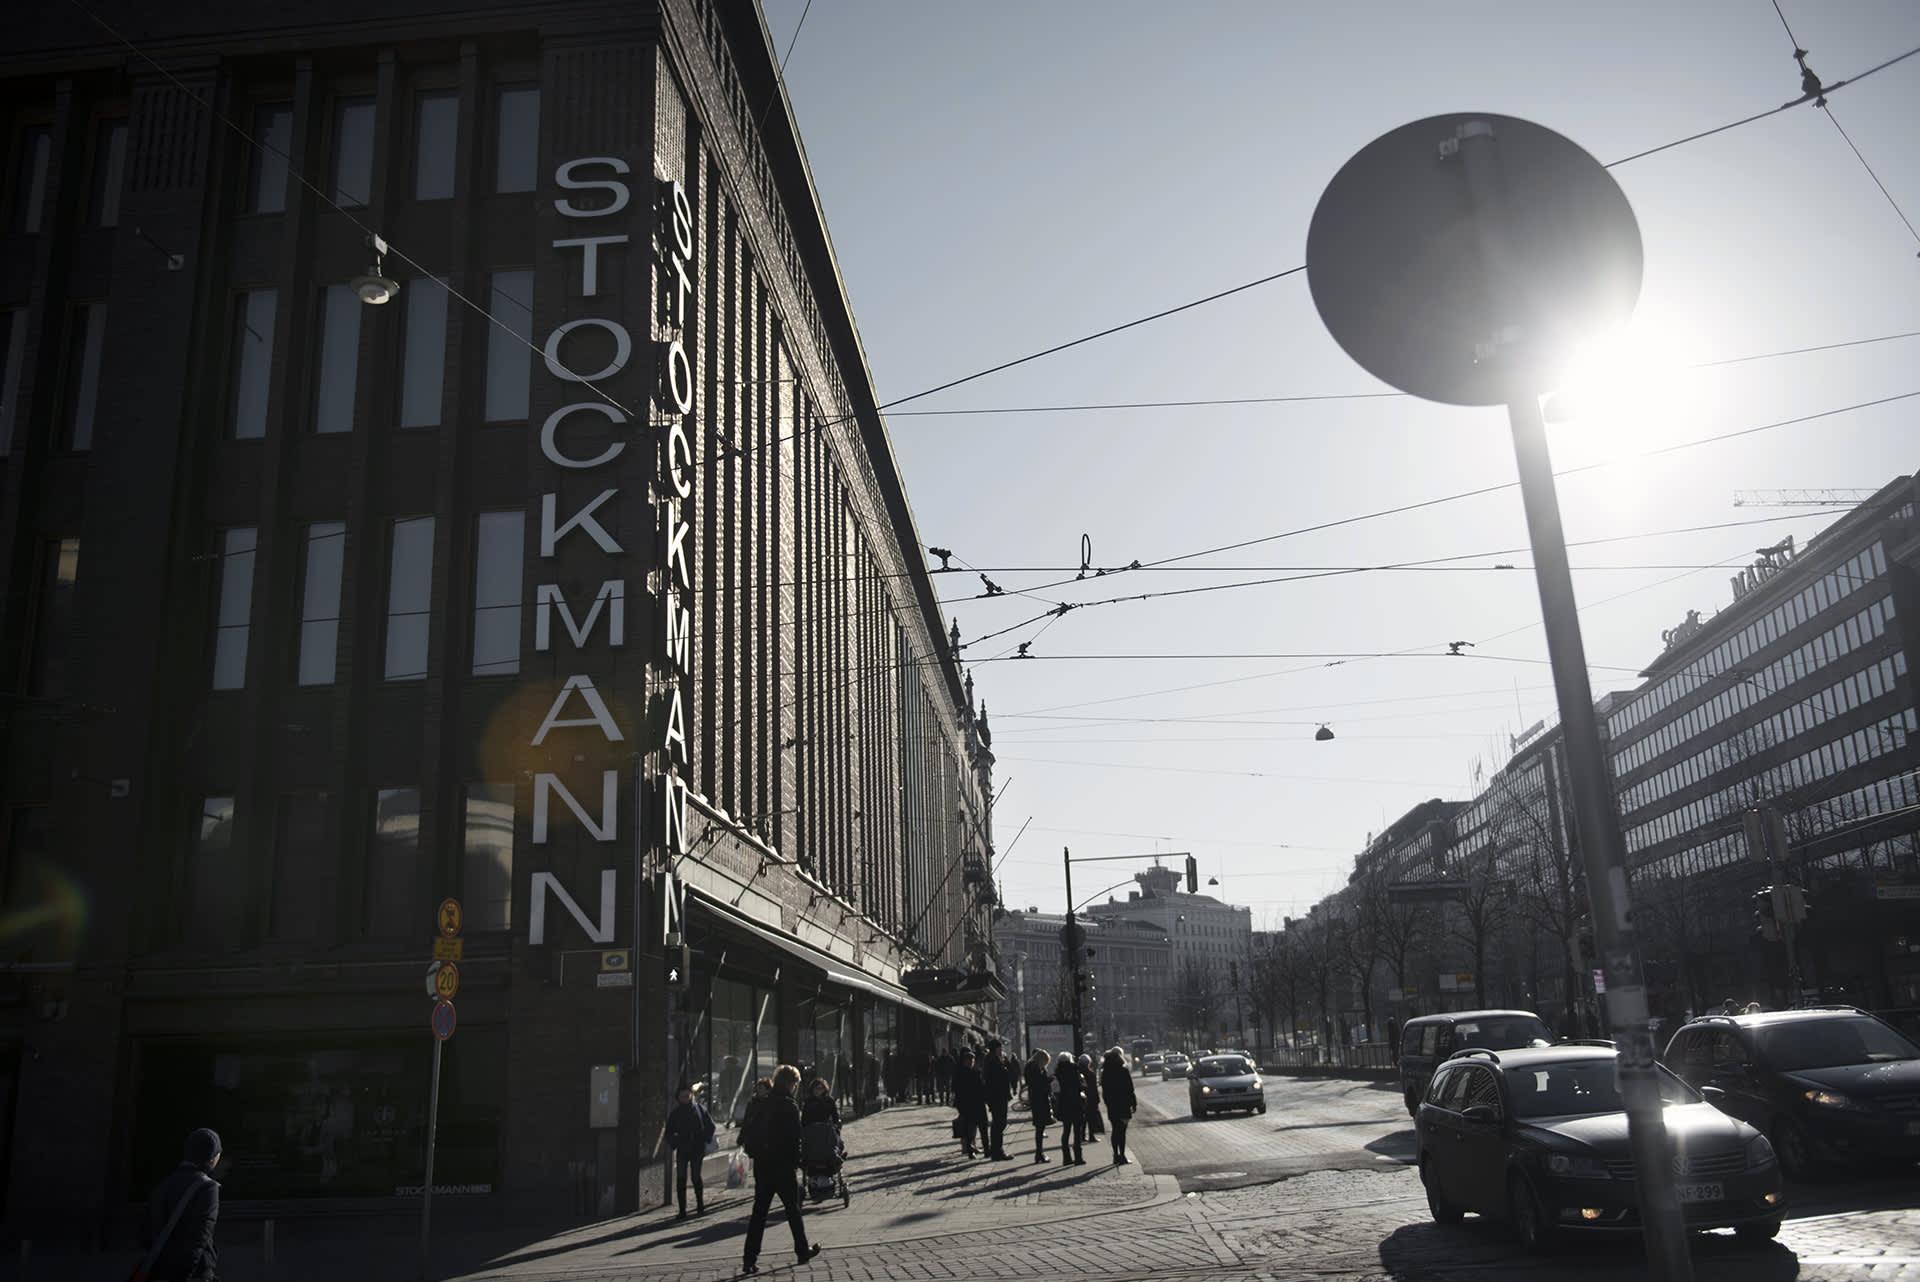 Stockmannin tavaratalo ja liikennettä Helsingin Mannerheimintiellä.